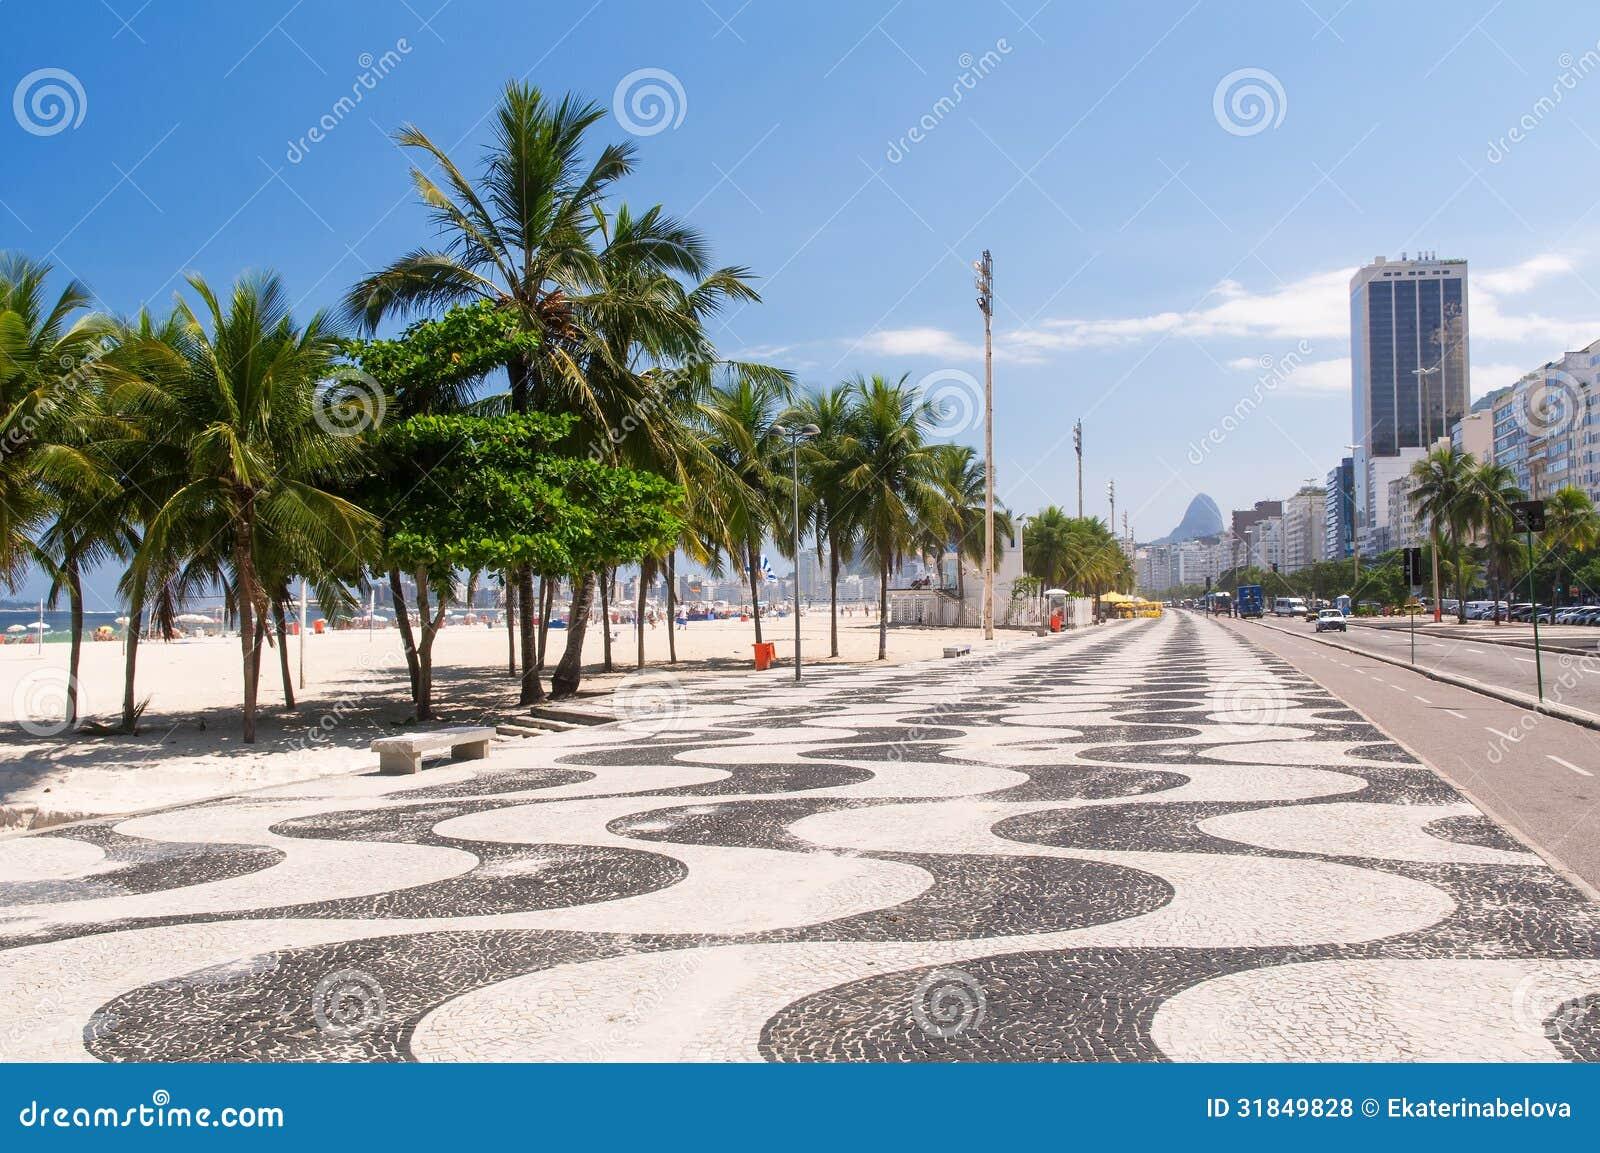 Άποψη της παραλίας Copacabana με τους φοίνικες και του μωσαϊκού του πεζοδρομίου στο Ρίο ντε Τζανέιρο